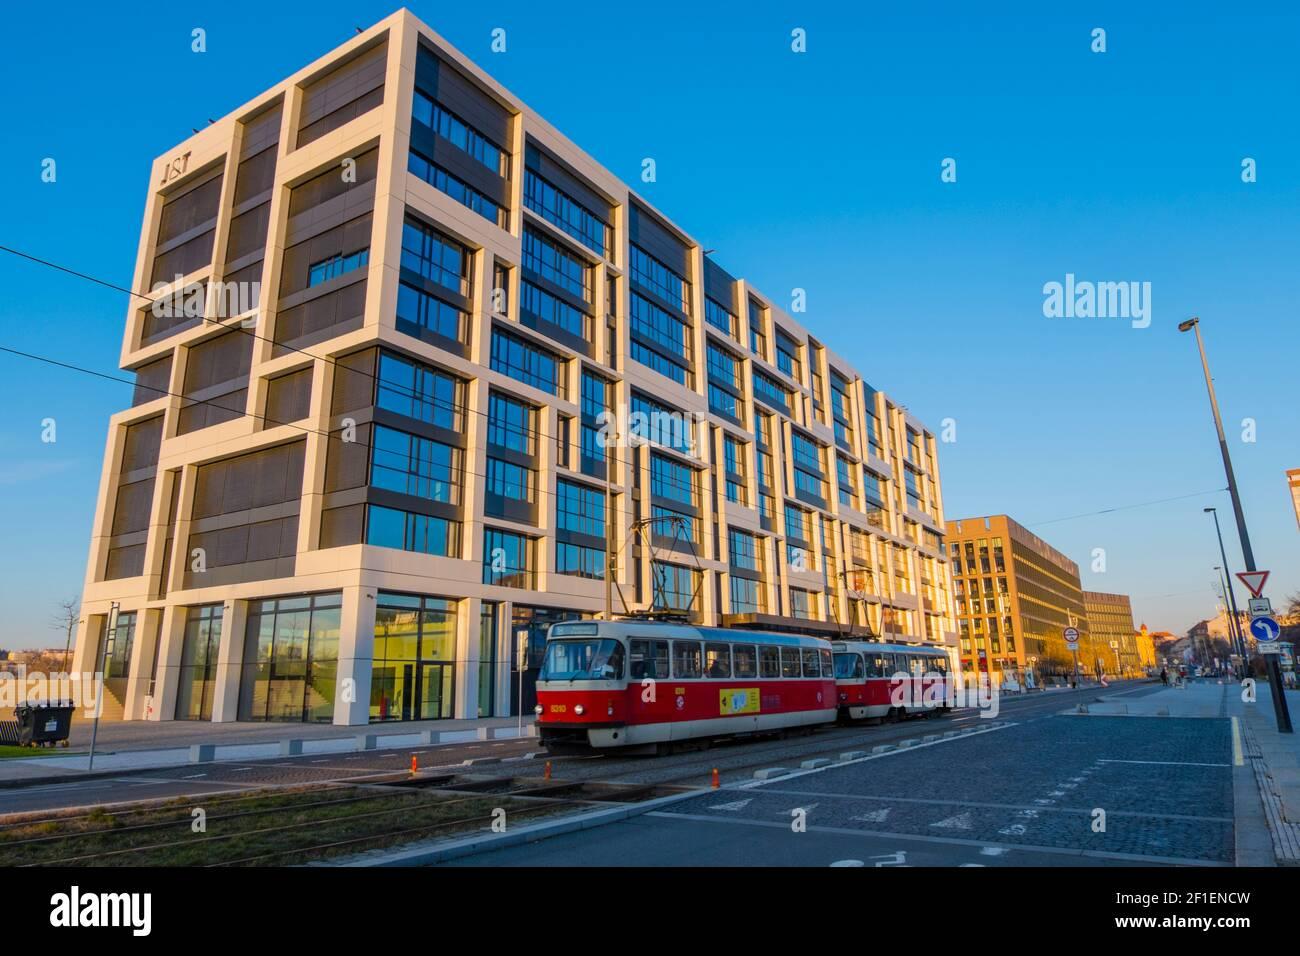 J&T Banka, edificio per uffici, Sokolovska, Karlin, Praga, Repubblica Ceca Foto Stock